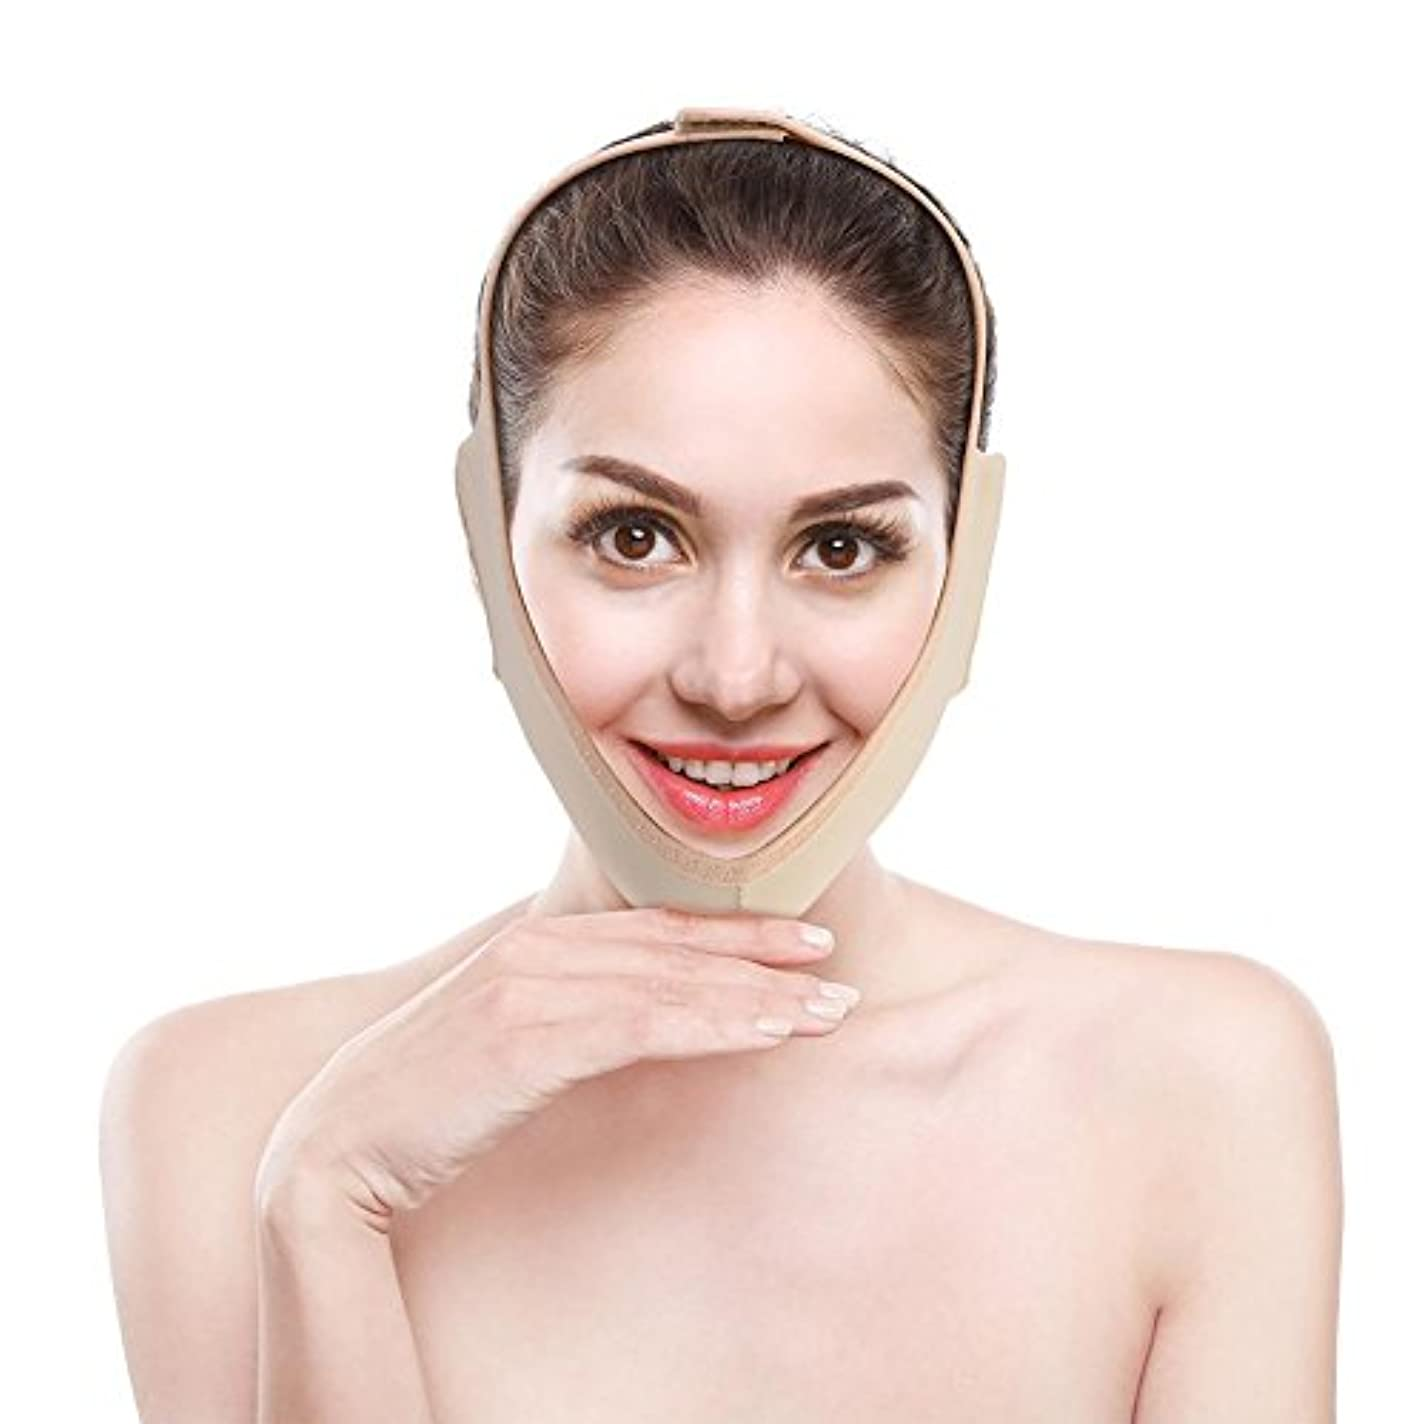 十分に直面する変数顔の輪郭を改善するVフェイス包帯、フェイスリフト用フェイスマスク、通気性/伸縮性/非変形性(M)